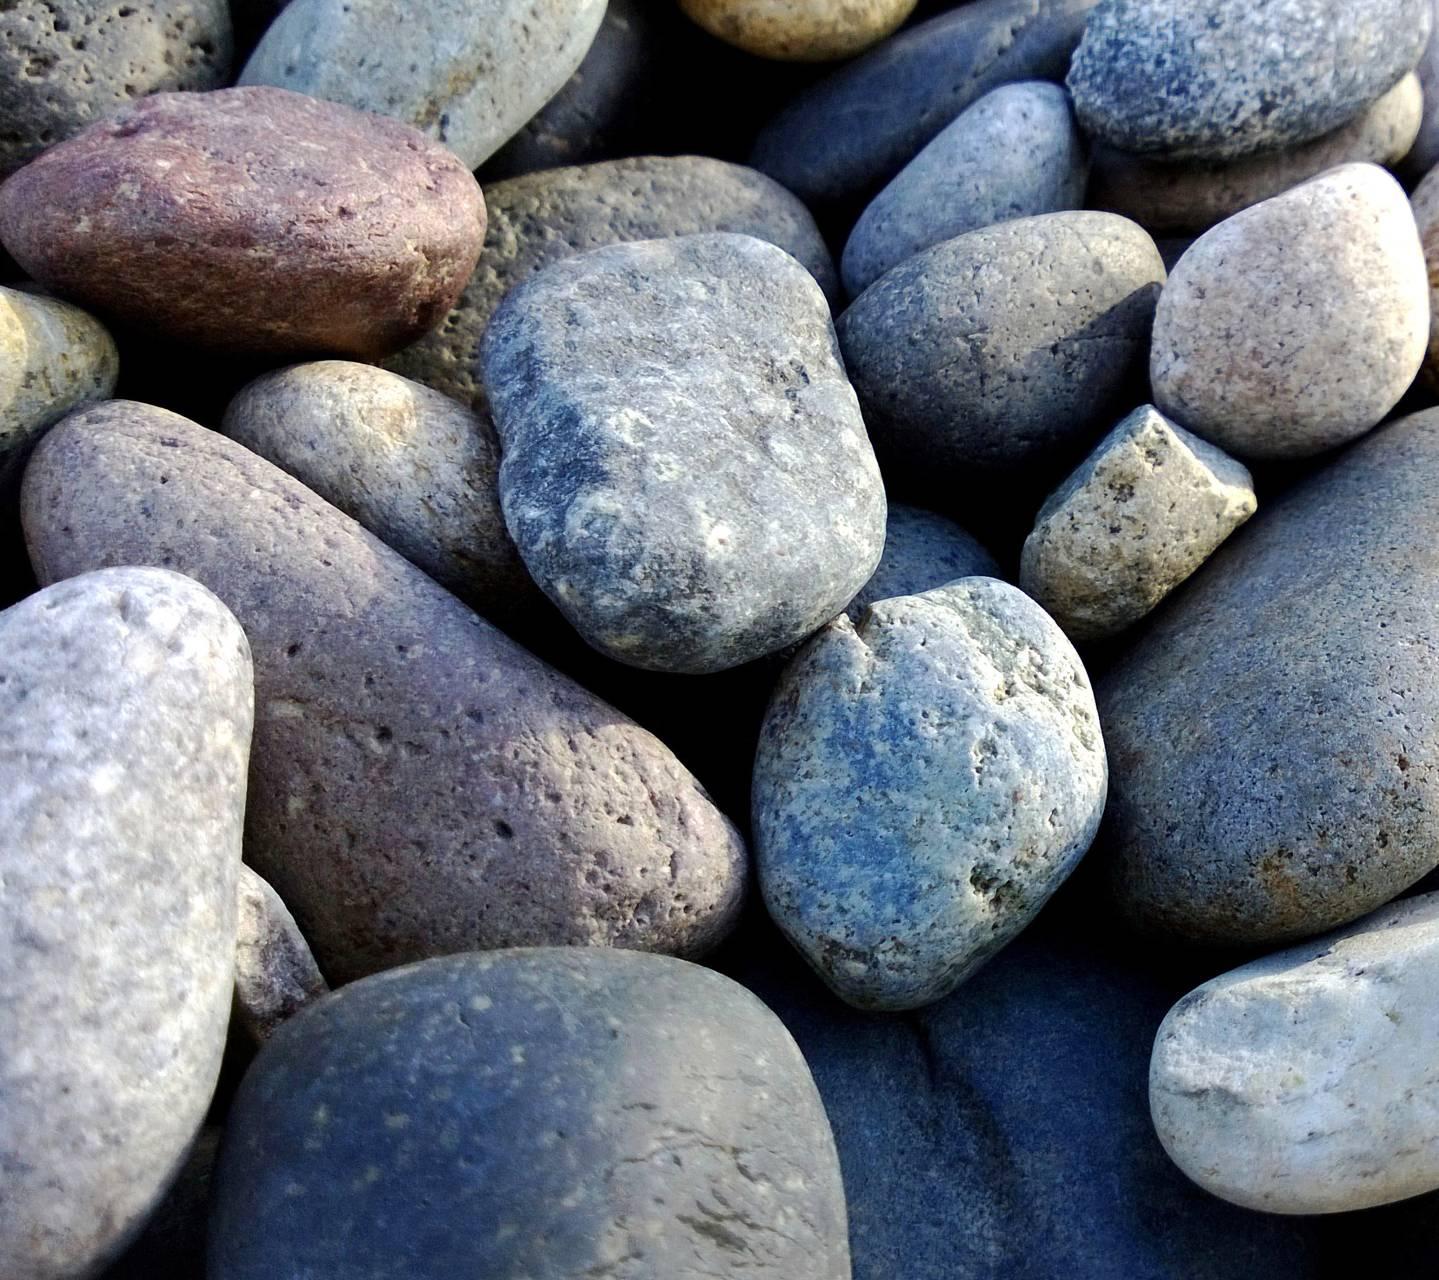 Rocks 7